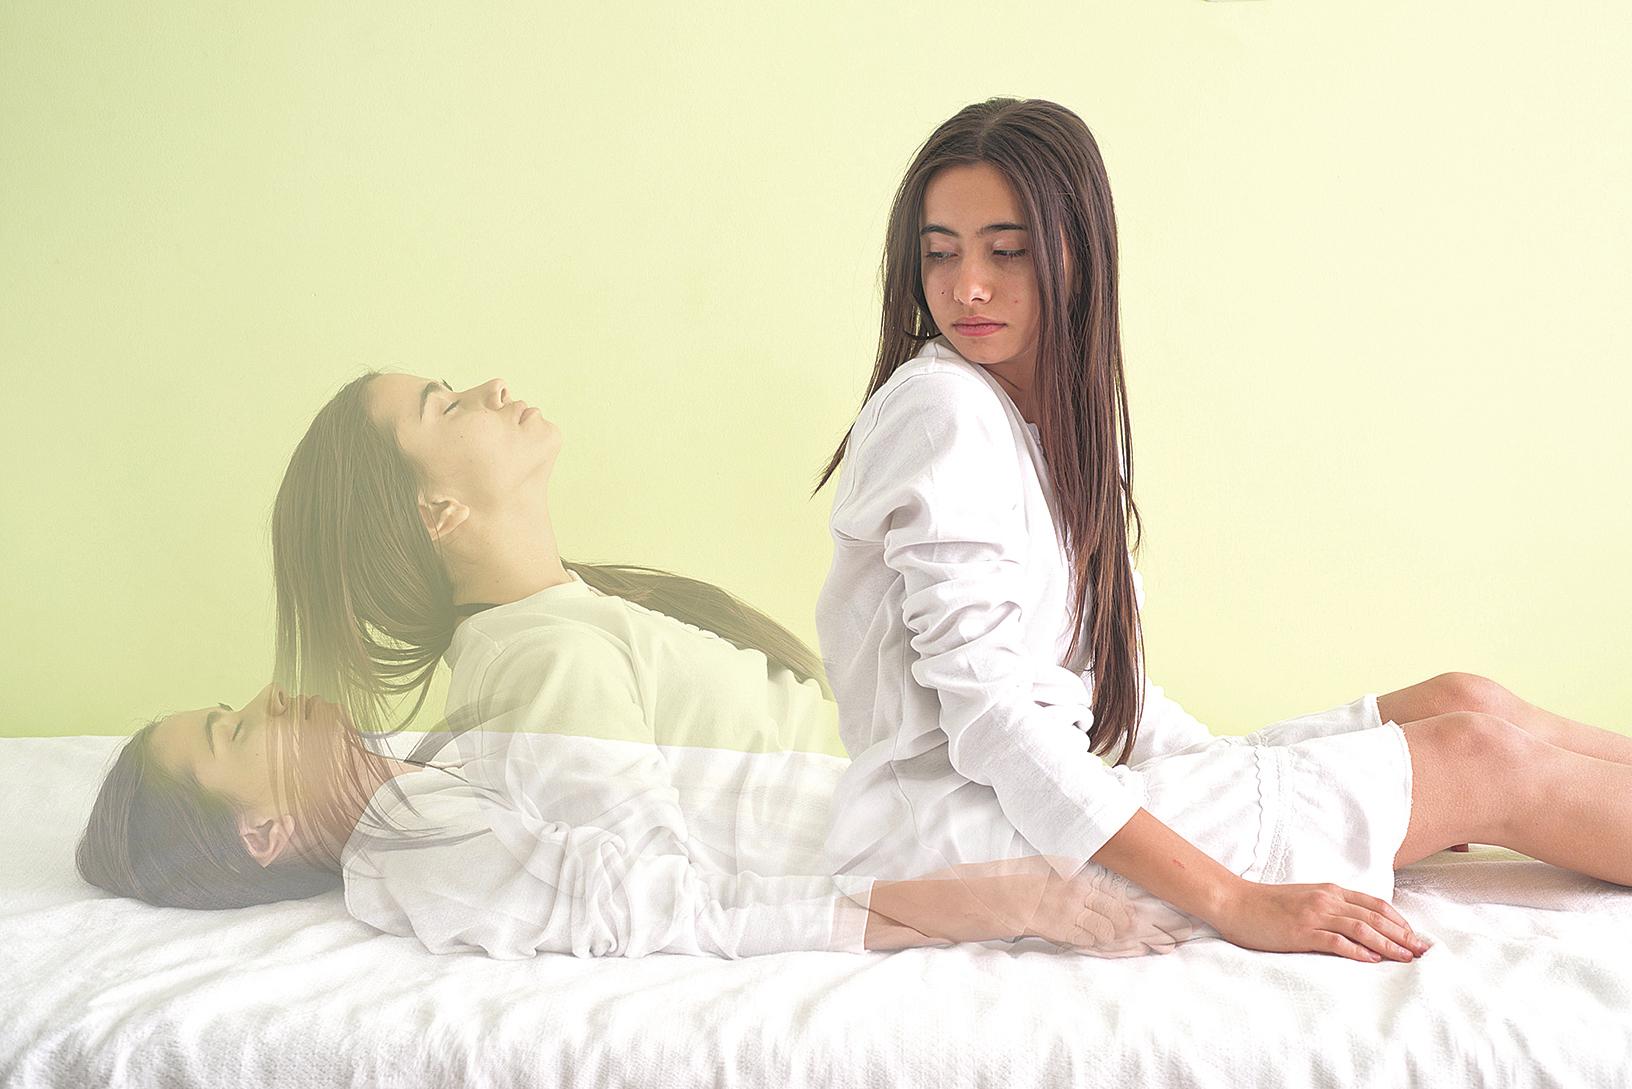 英國醫生山姆帕尼爾(Sam Parnia MD/PhD)曾經通過臨床實驗證明「靈魂」真實存在。(Fotolia)